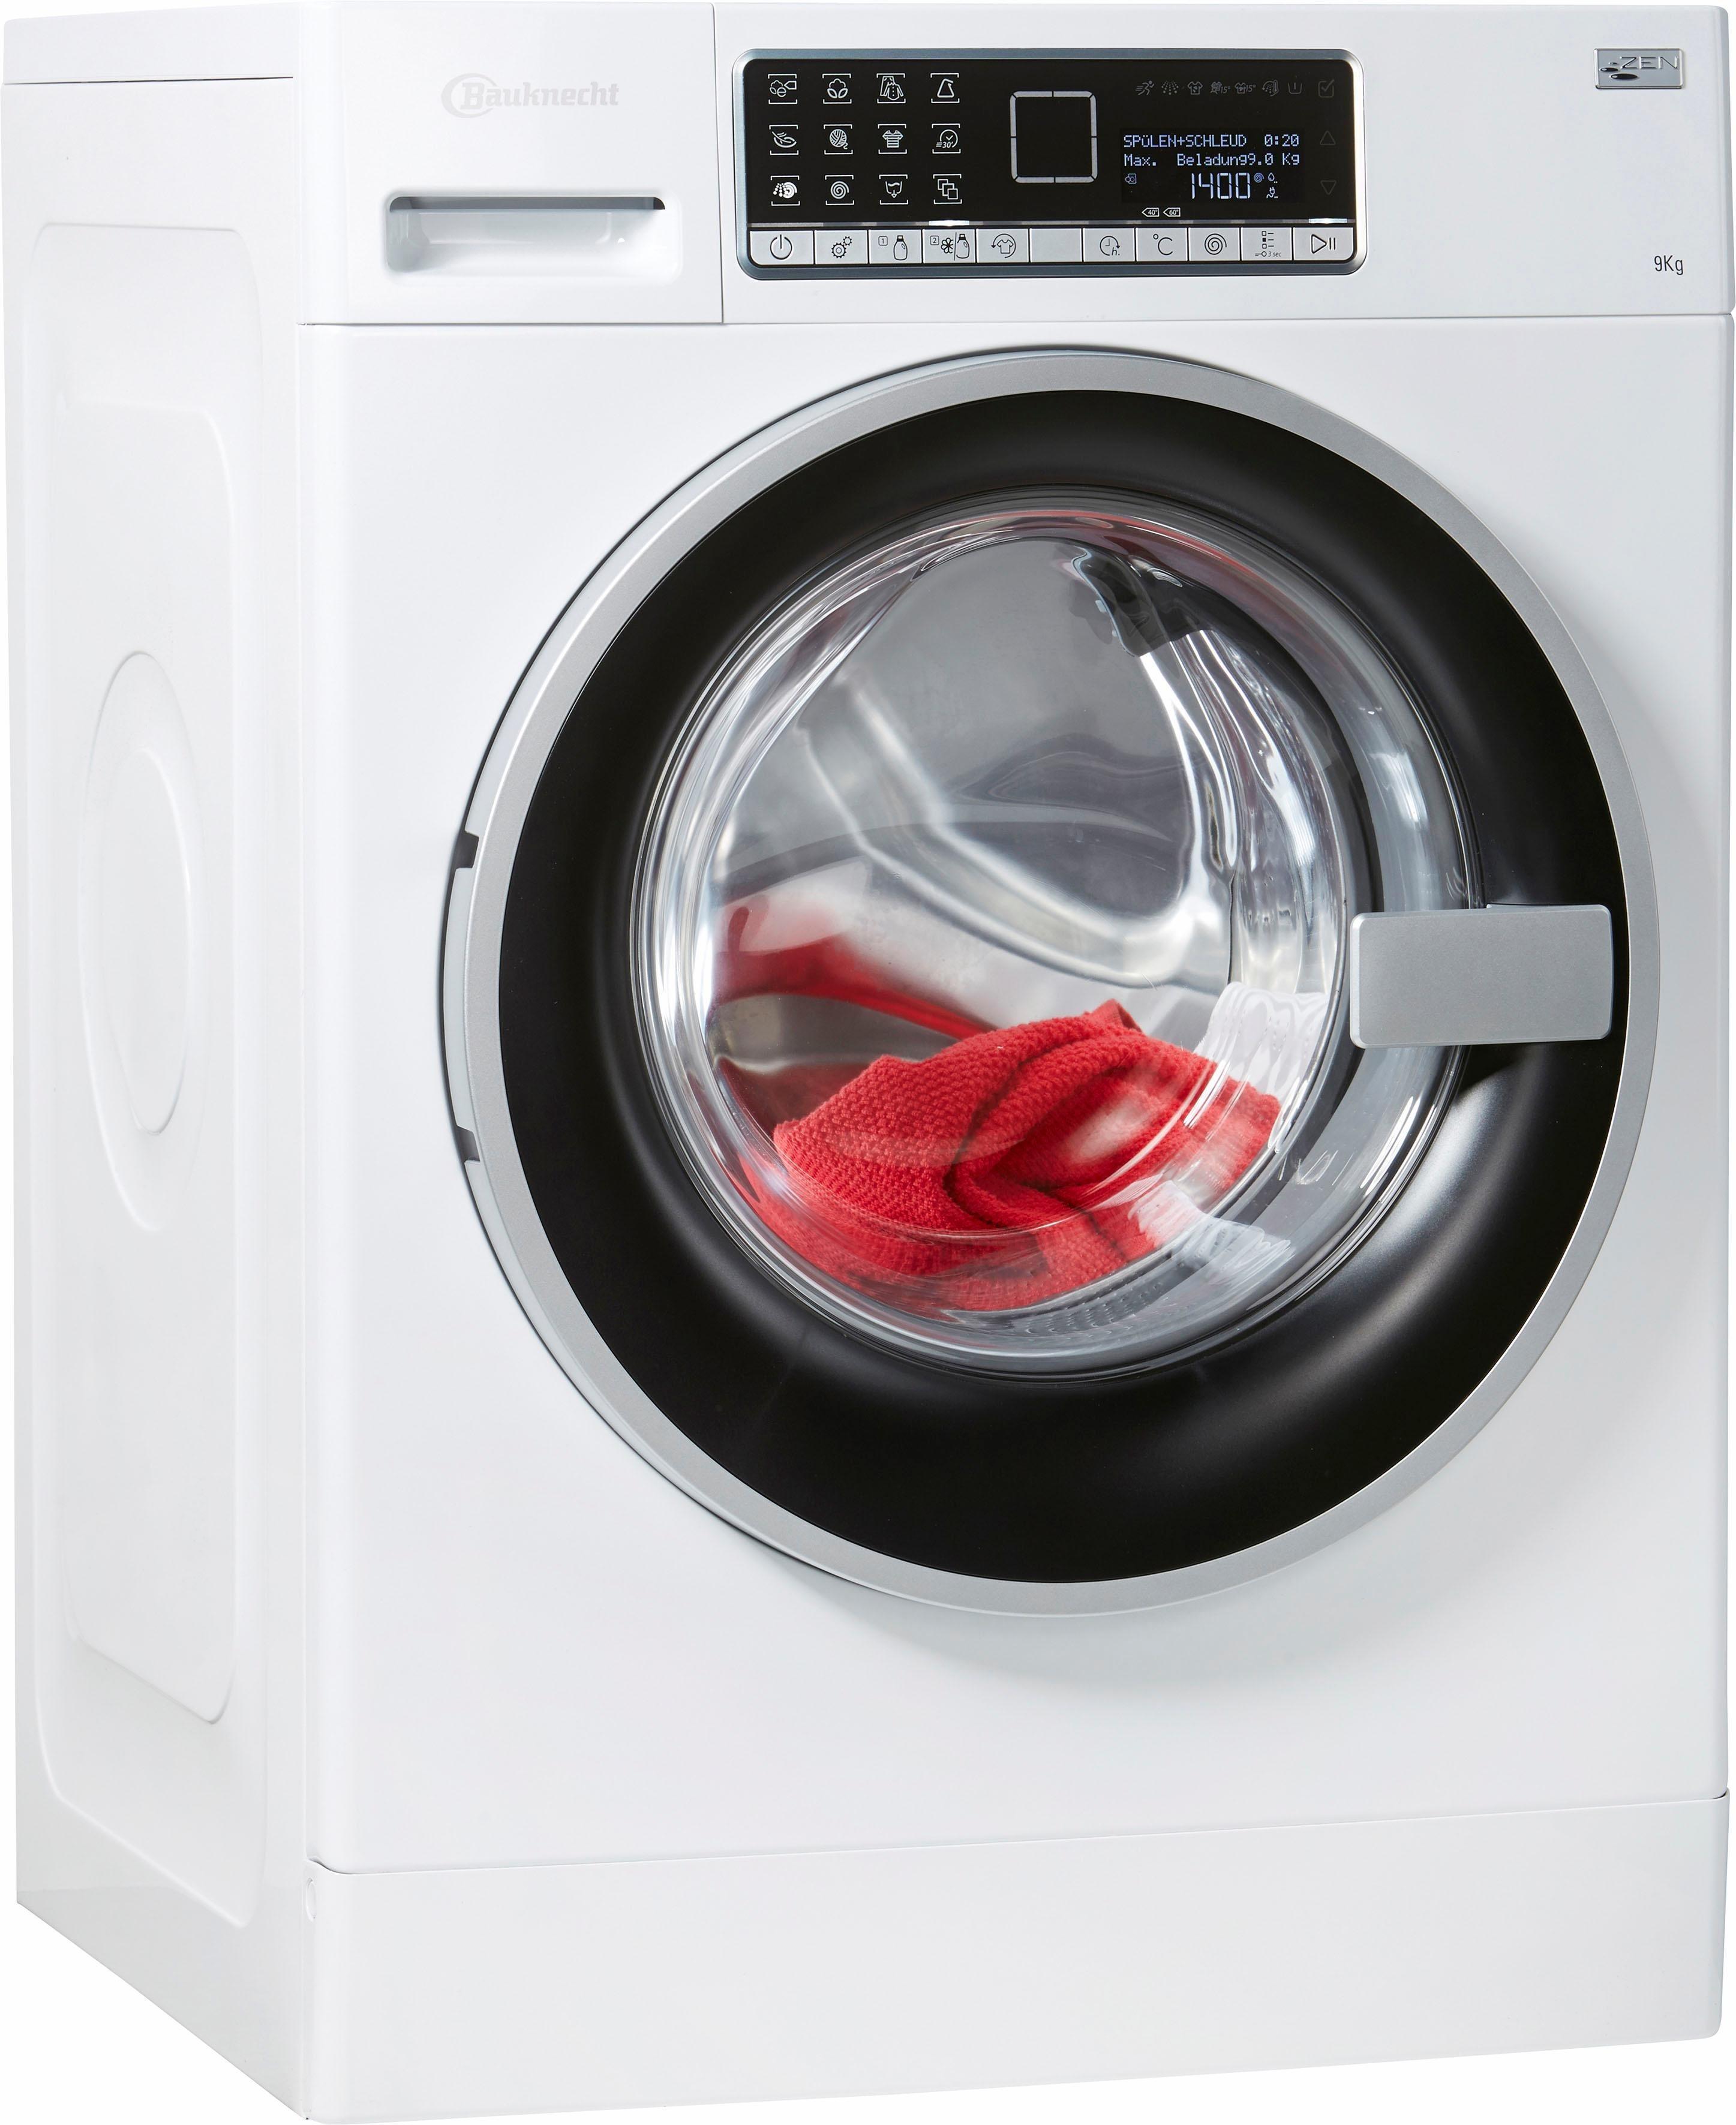 BAUKNECHT Waschmaschine WM Dos 9 Zen, 9 kg, 1400 U/Min, Automatische Dosierung CleverDose